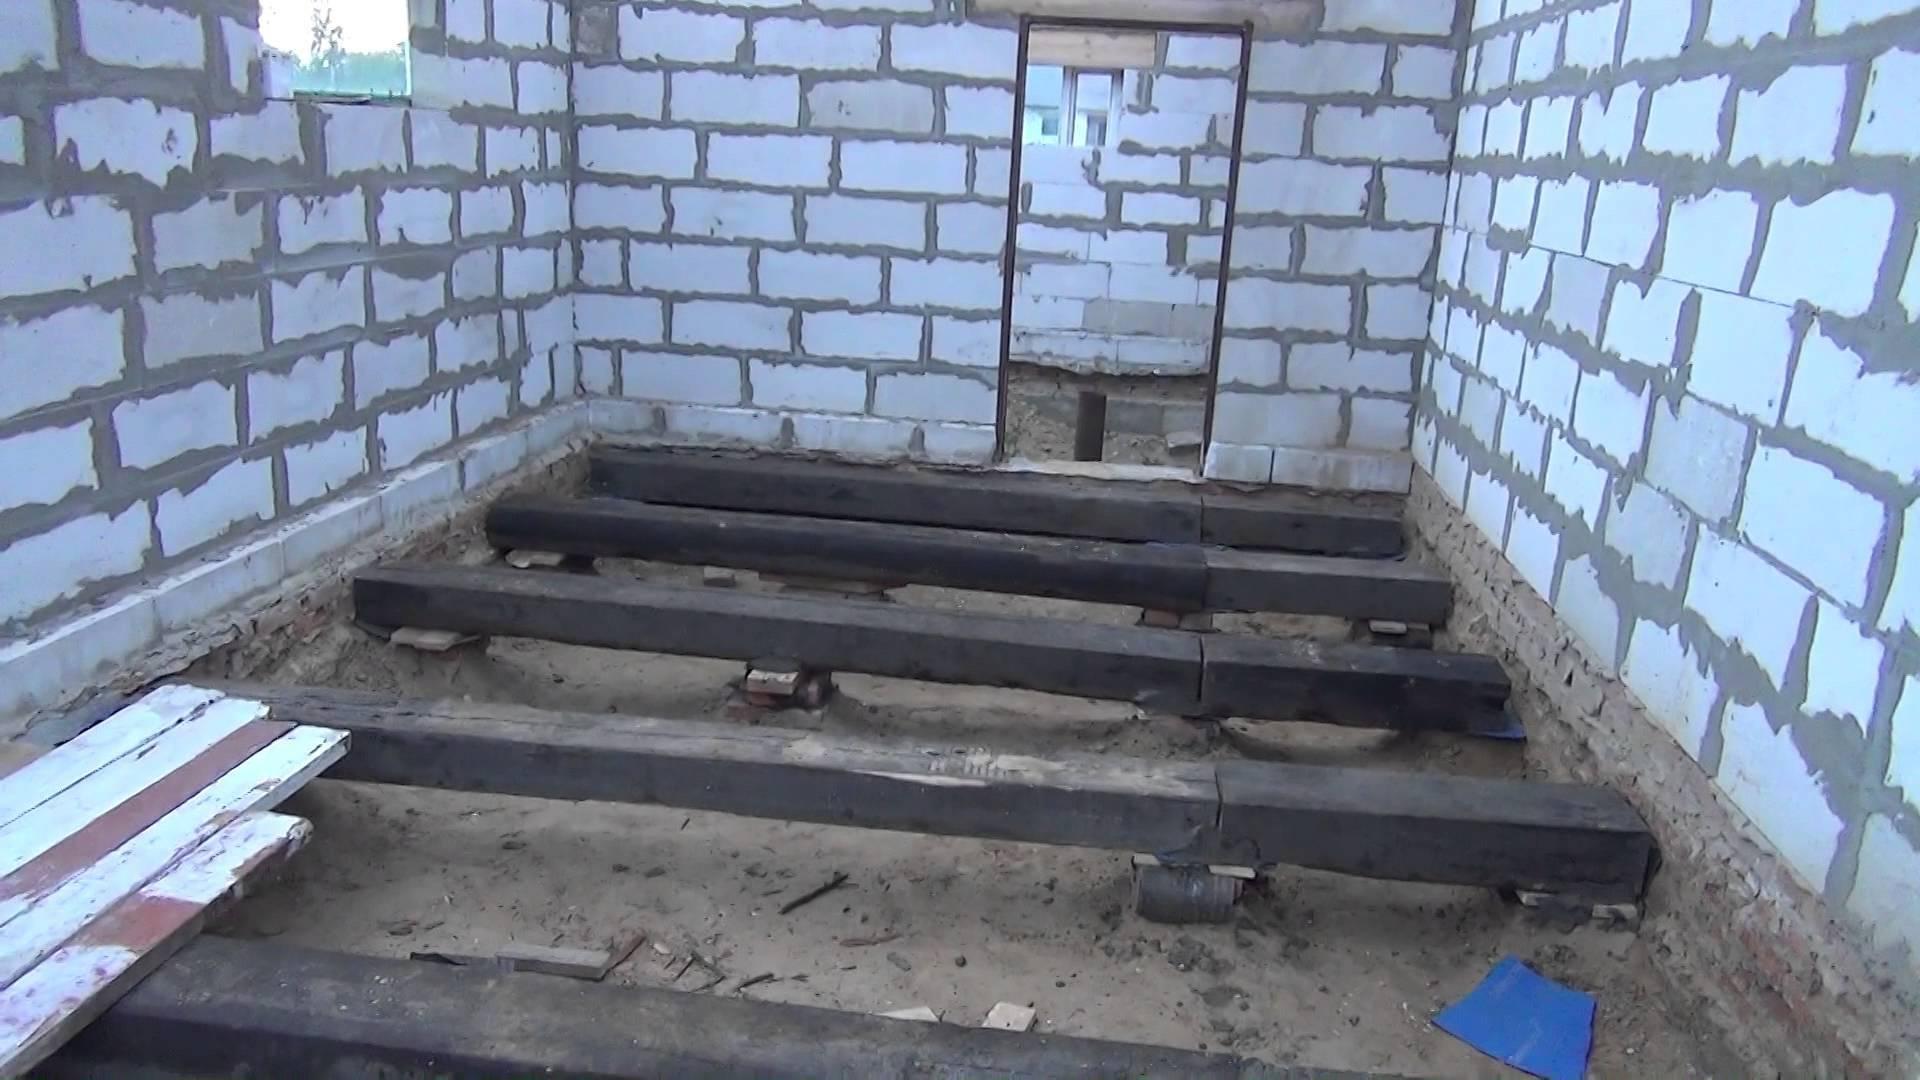 Баня из шлакоблока своими руками. проектирование, возведение фундамента, стен и крыши. наружная отделка